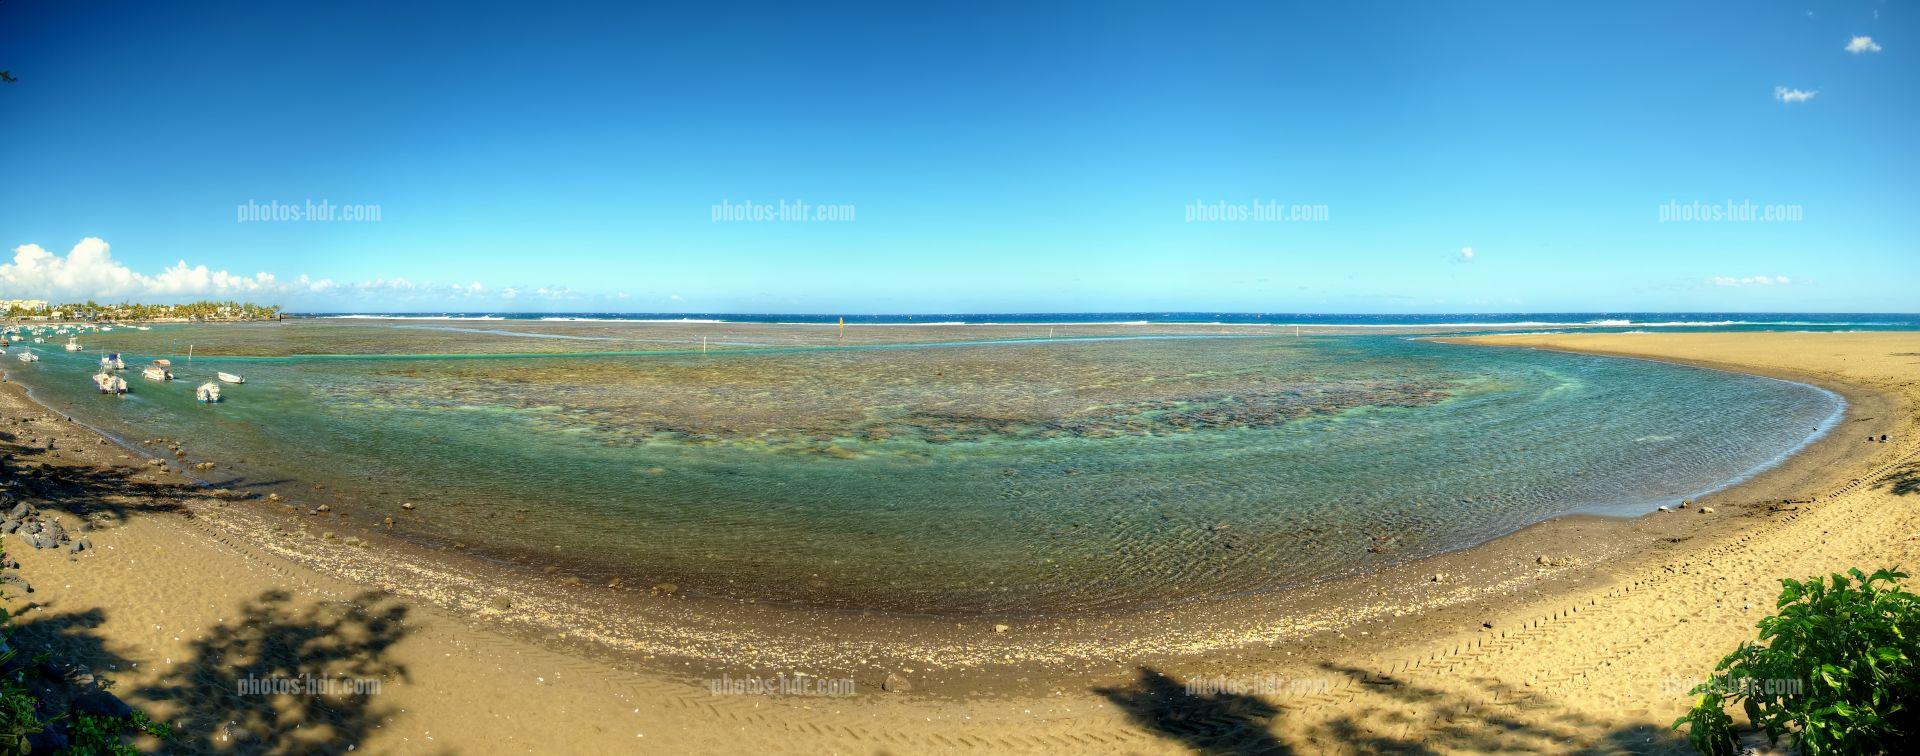 Photo bassin pirogue de l 39 tang sal les bains la for Bassin etang